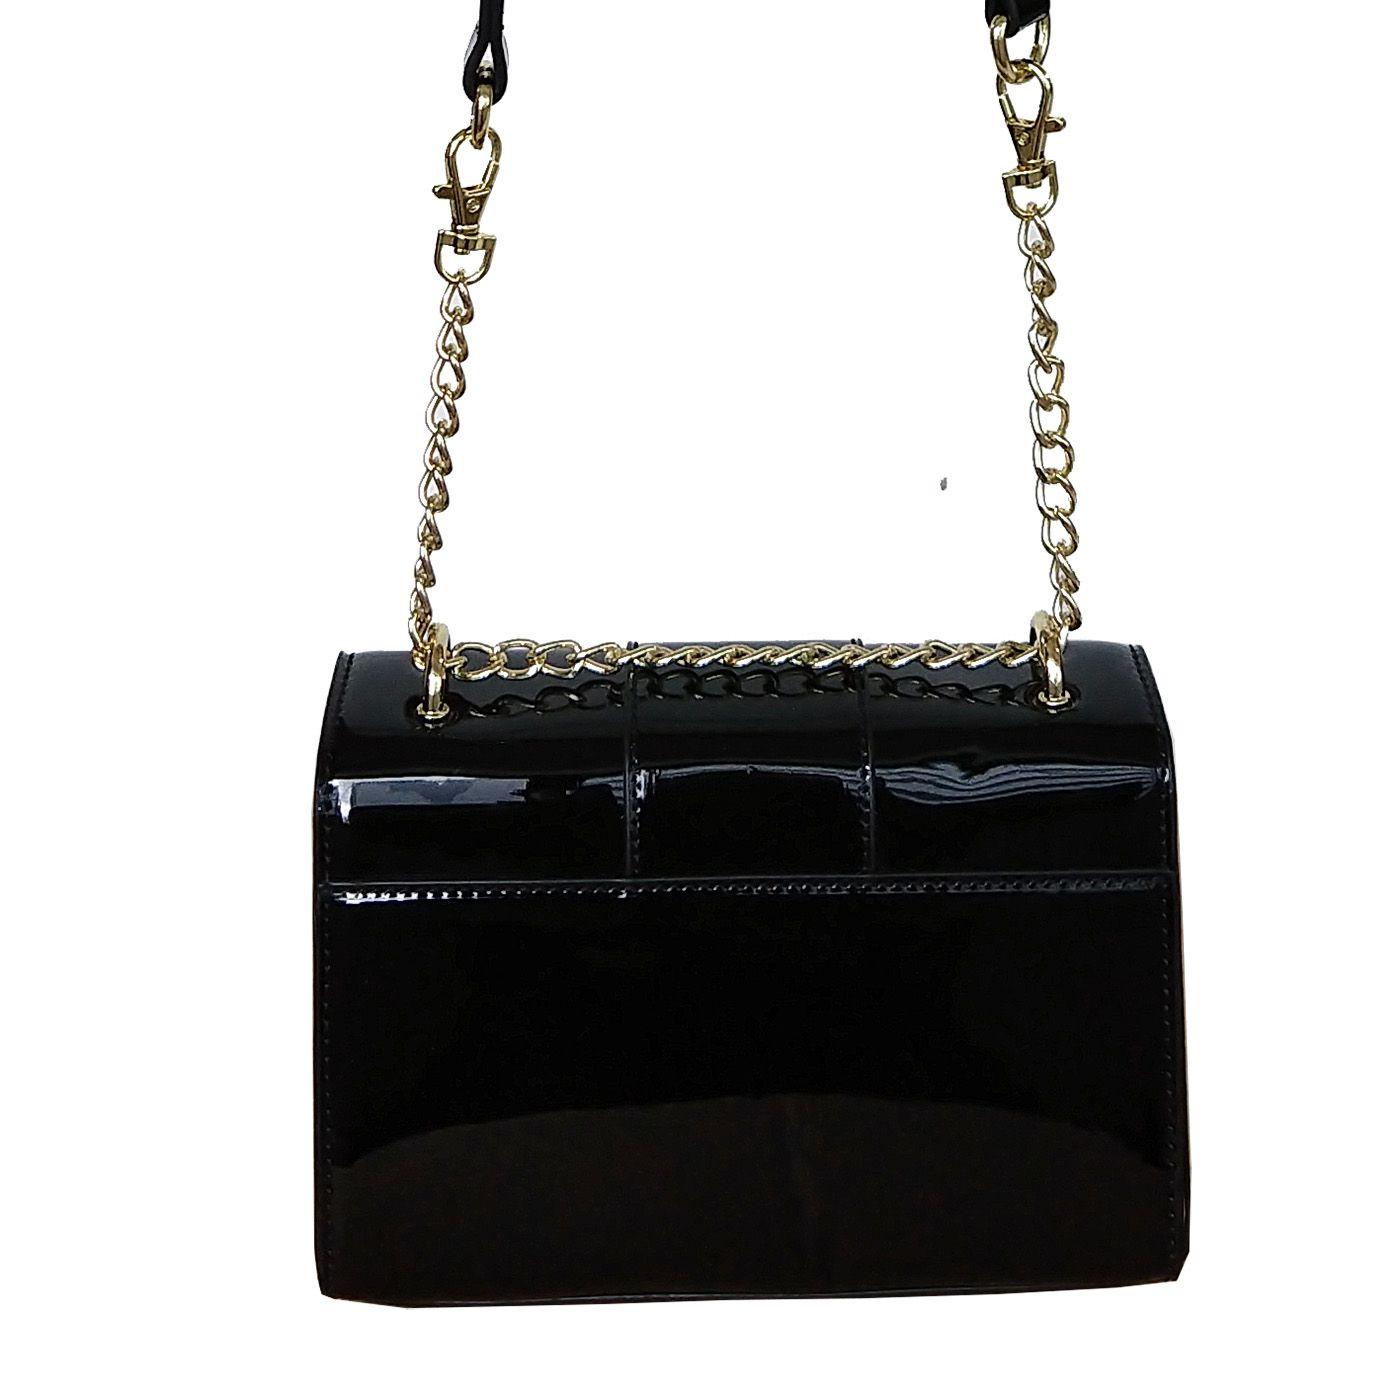 Bolsa Pequena com Alça Corrente Longa - WJ